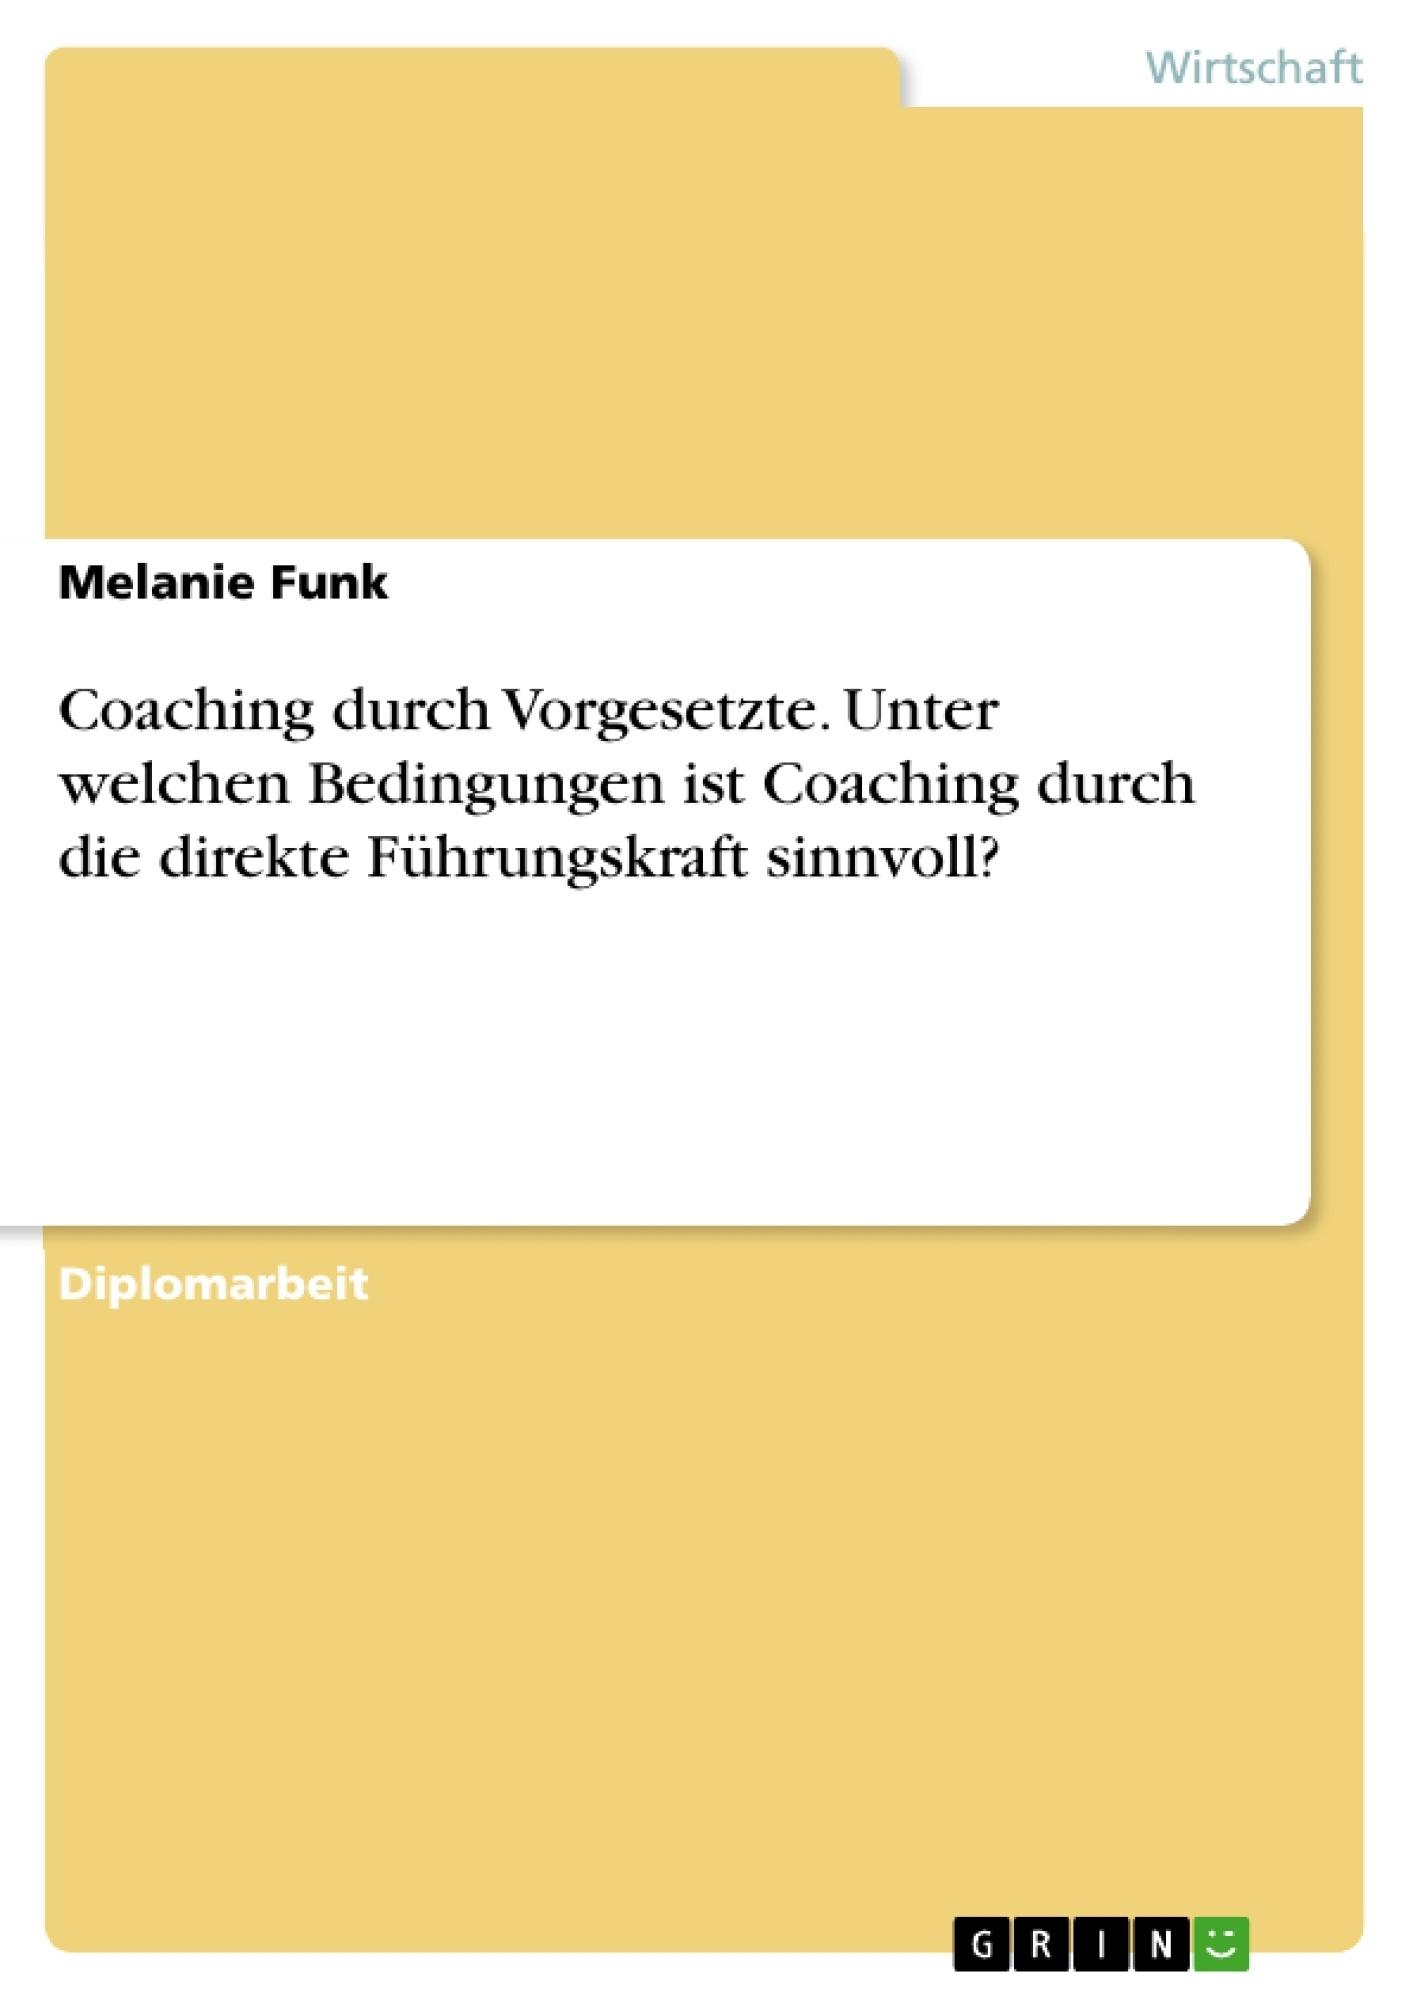 Titel: Coaching durch Vorgesetzte. Unter welchen Bedingungen ist Coaching durch die direkte Führungskraft sinnvoll?